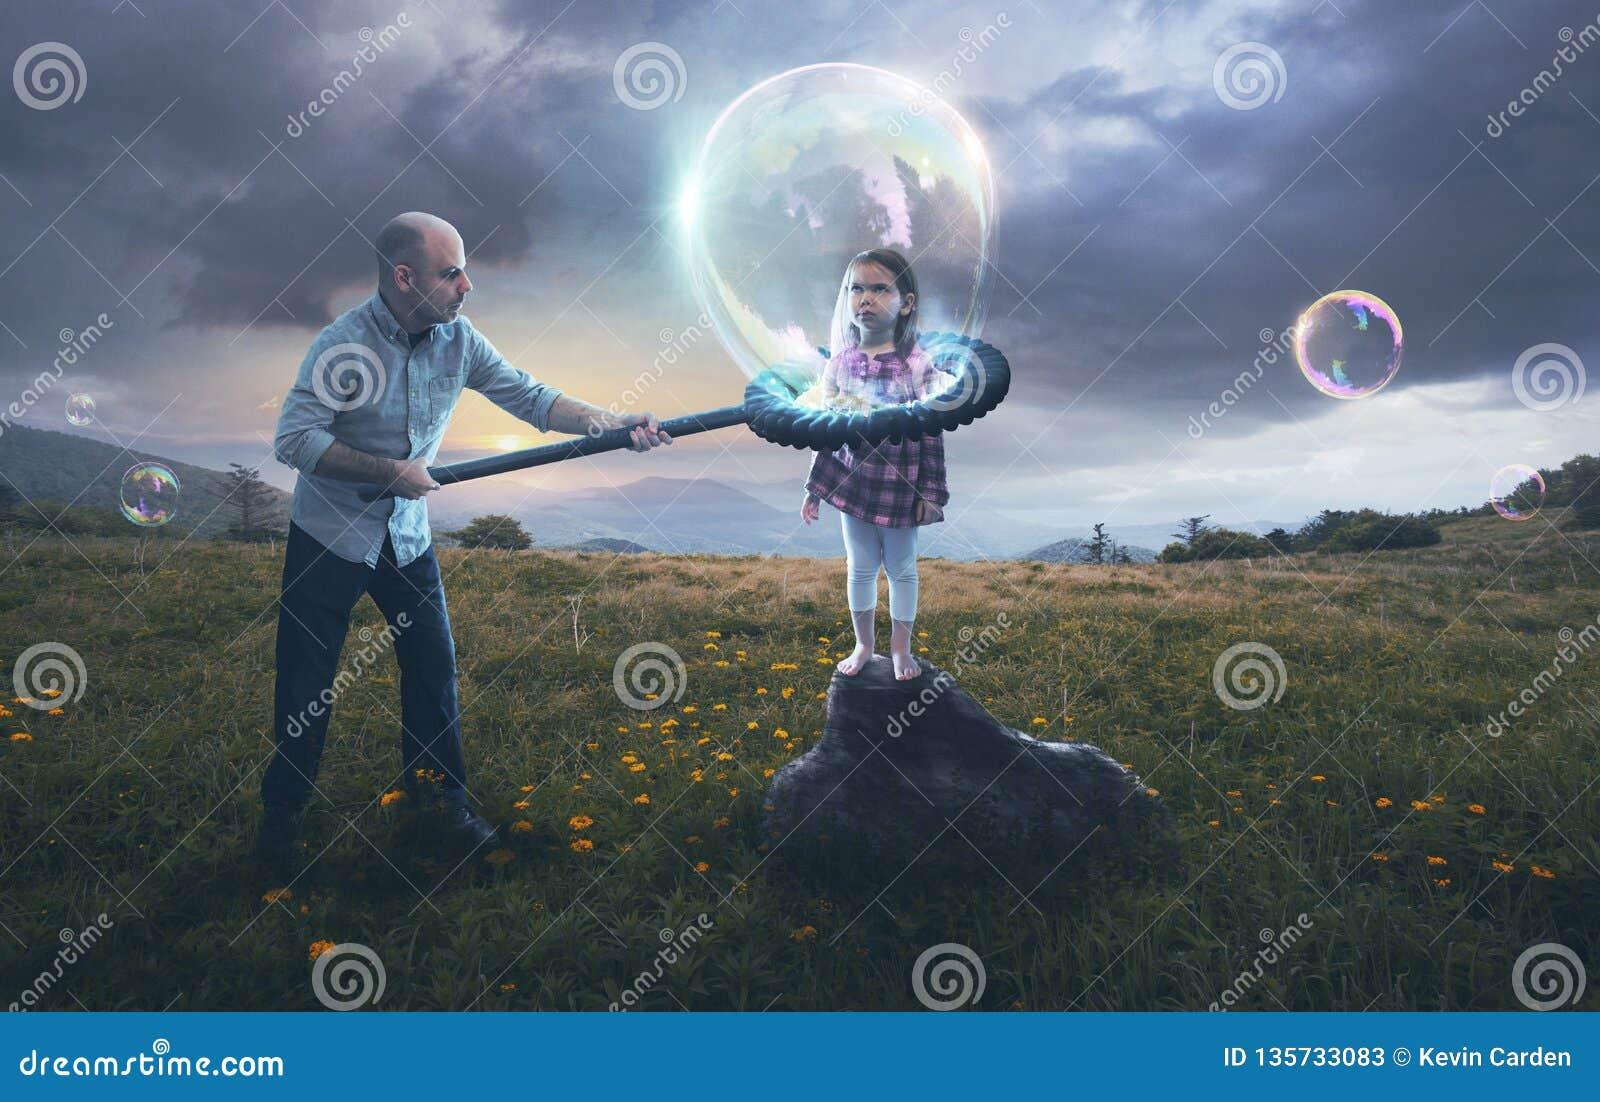 Padre que pone al niño en una burbuja